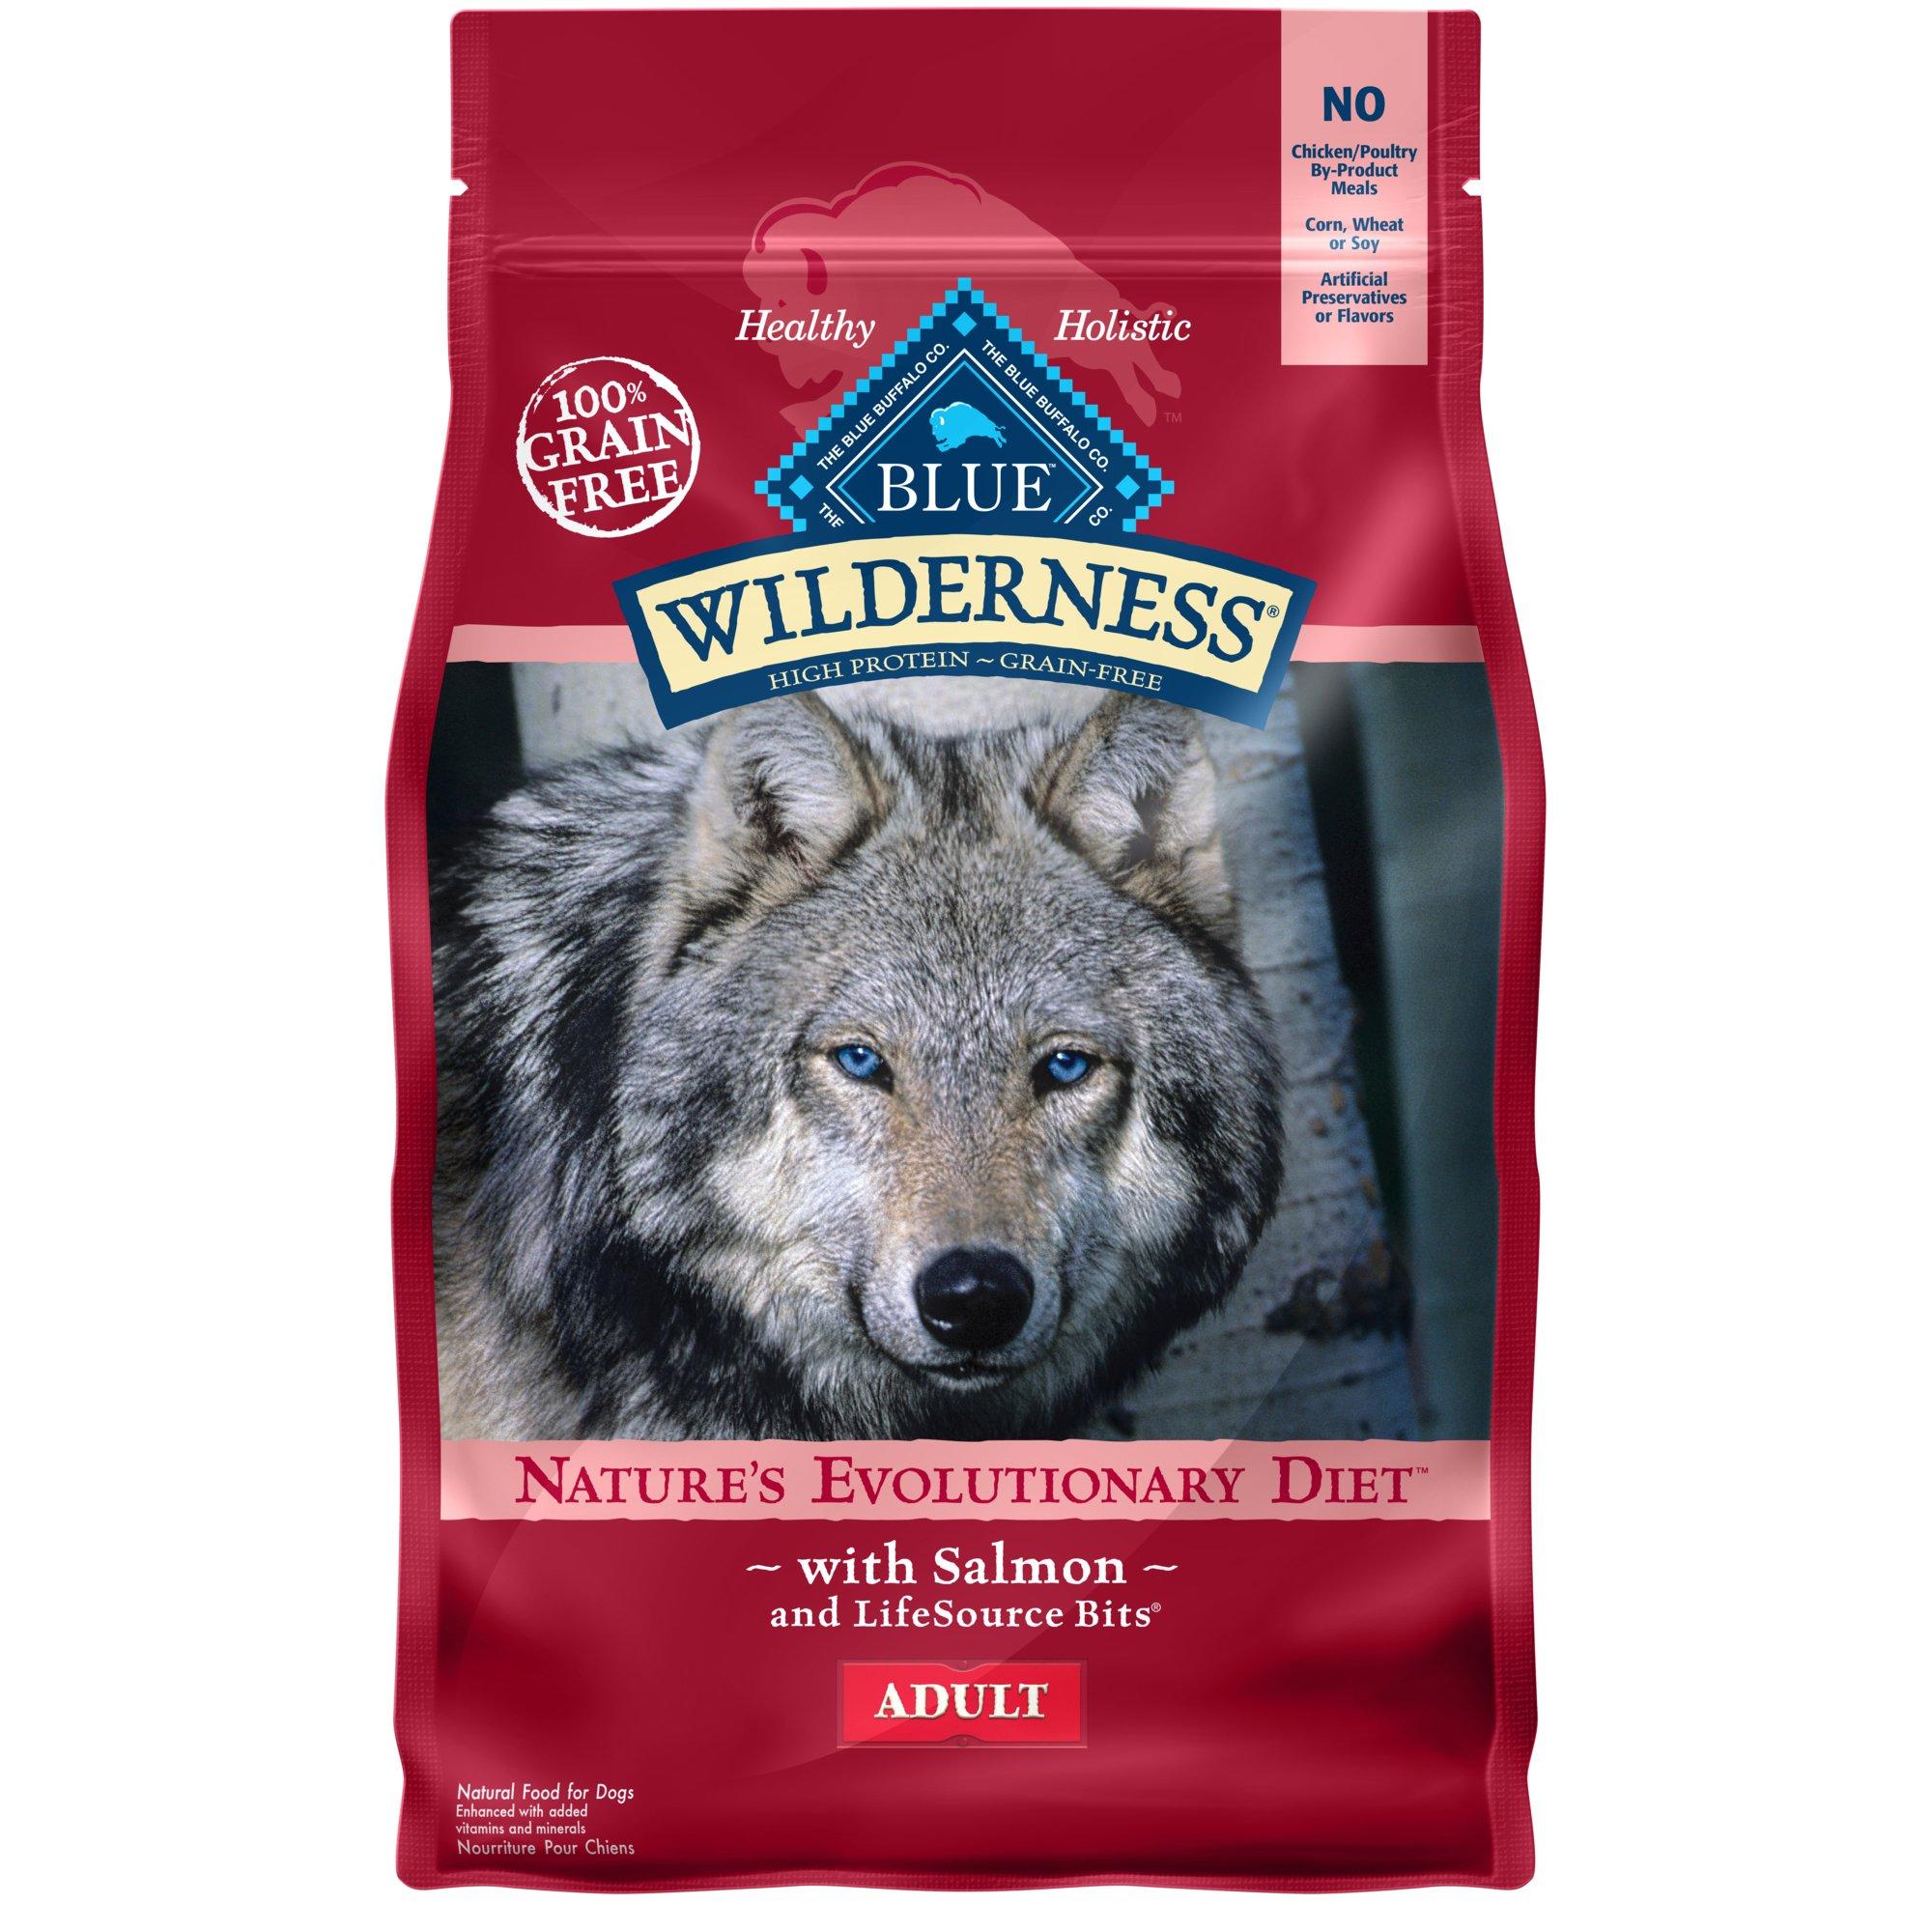 Petco Diamond Dog Food